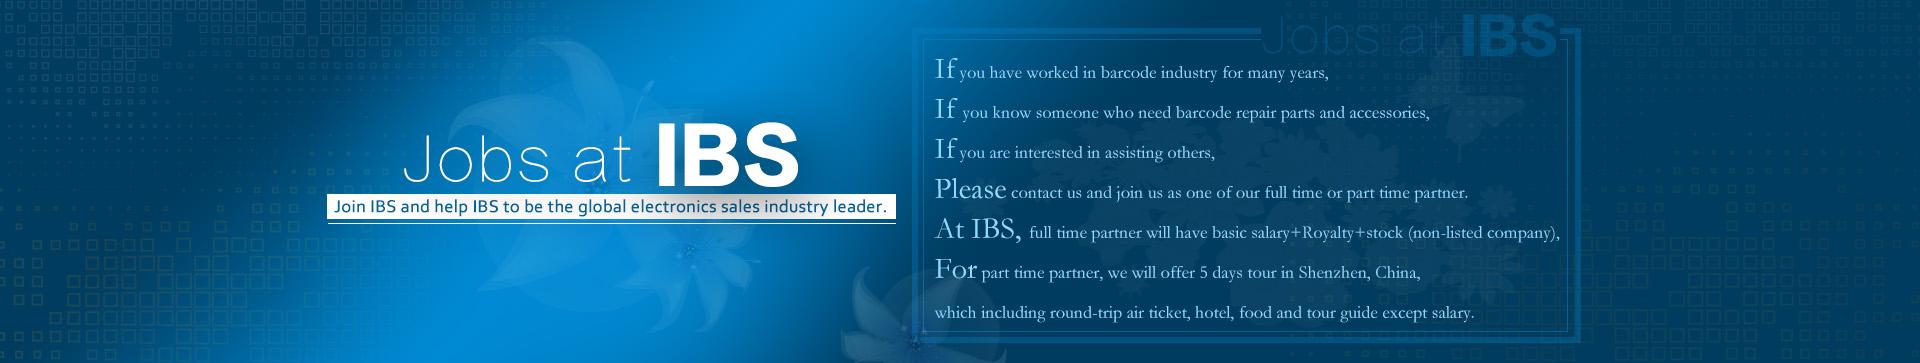 Job at IBS